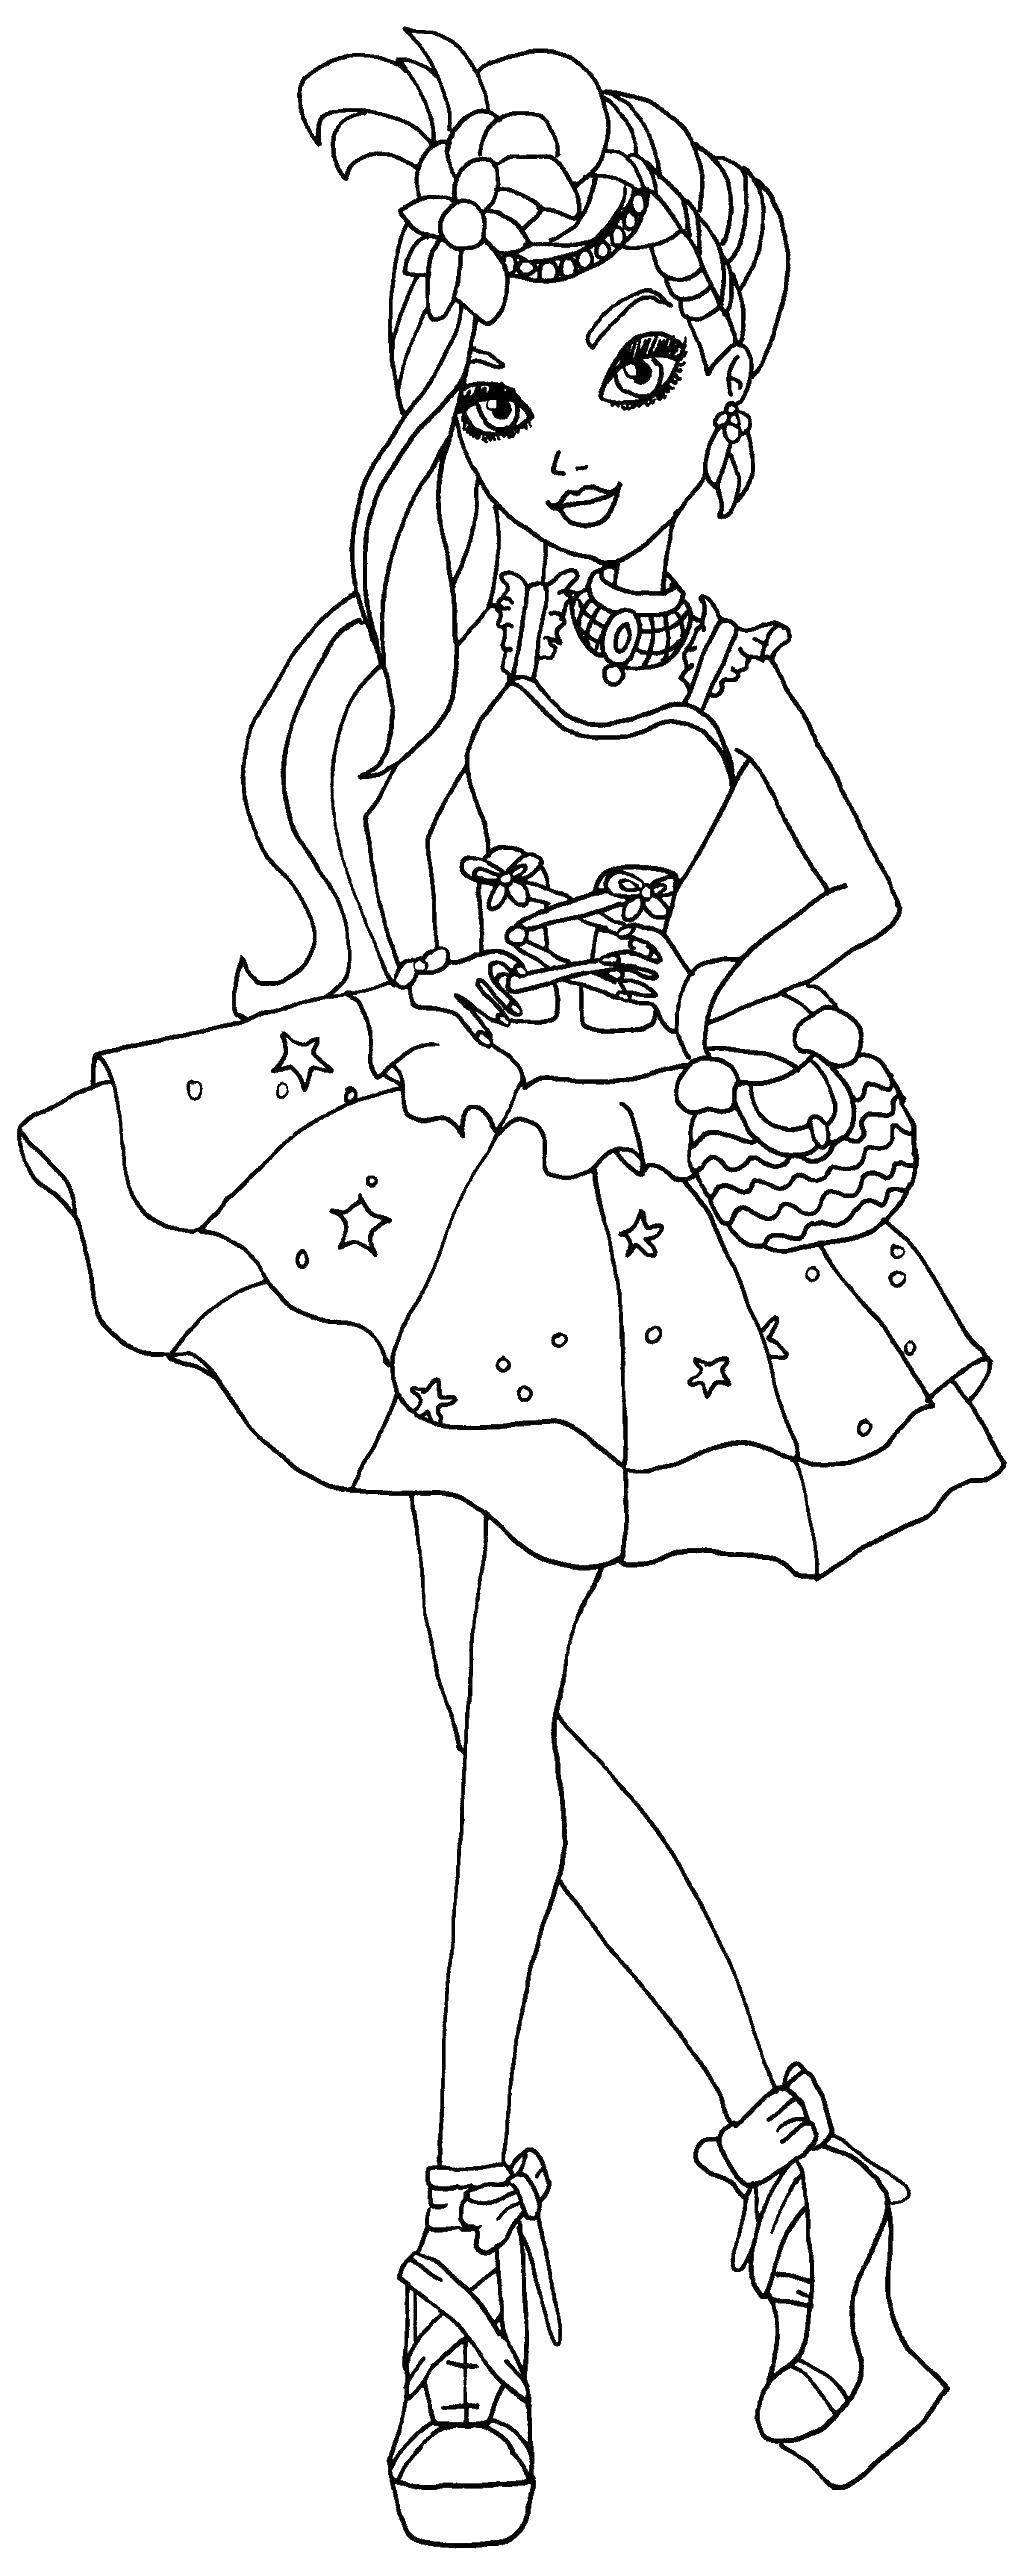 Раскраска Герцогиня лебедь дачесс свон дочь принцессы одетты Скачать эвер афтер хай, Герцогиня Лебедь, Дачесс Свон.  Распечатать ,эвер афтер хай,